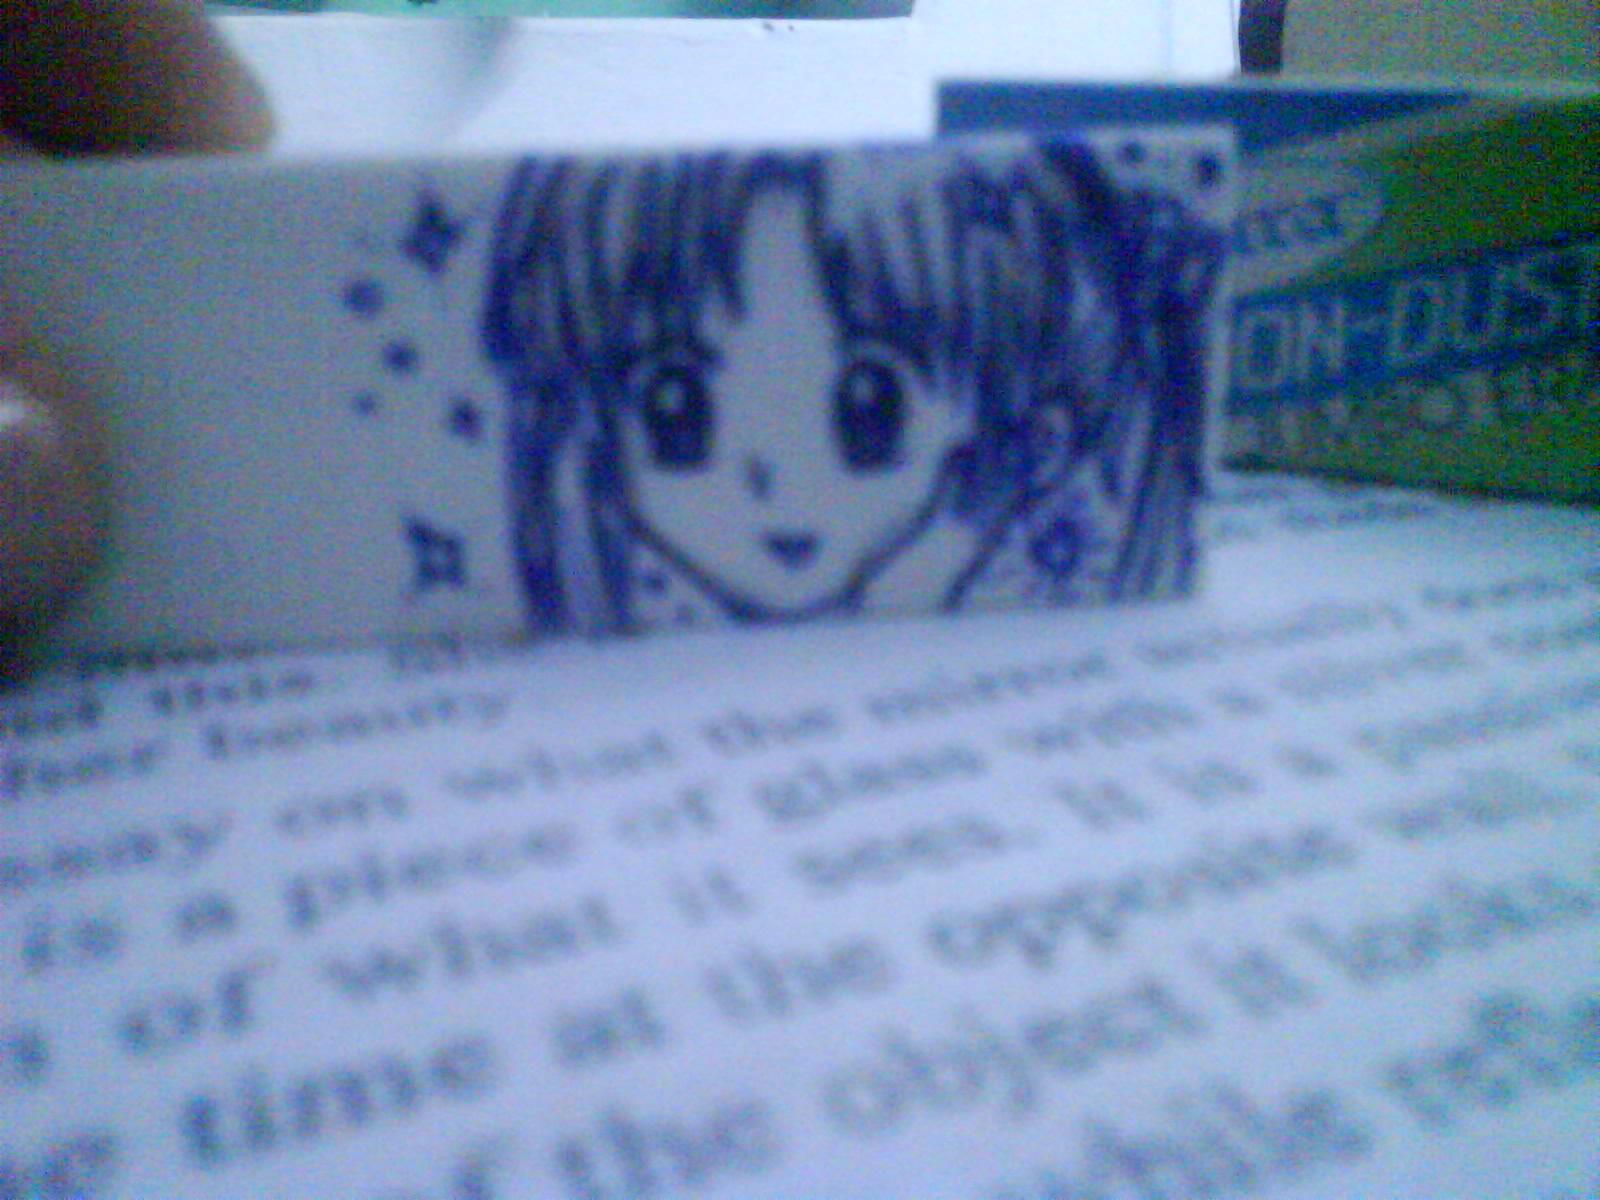 Mikan Sakura on my eraser by MystikWat3r on DeviantArt